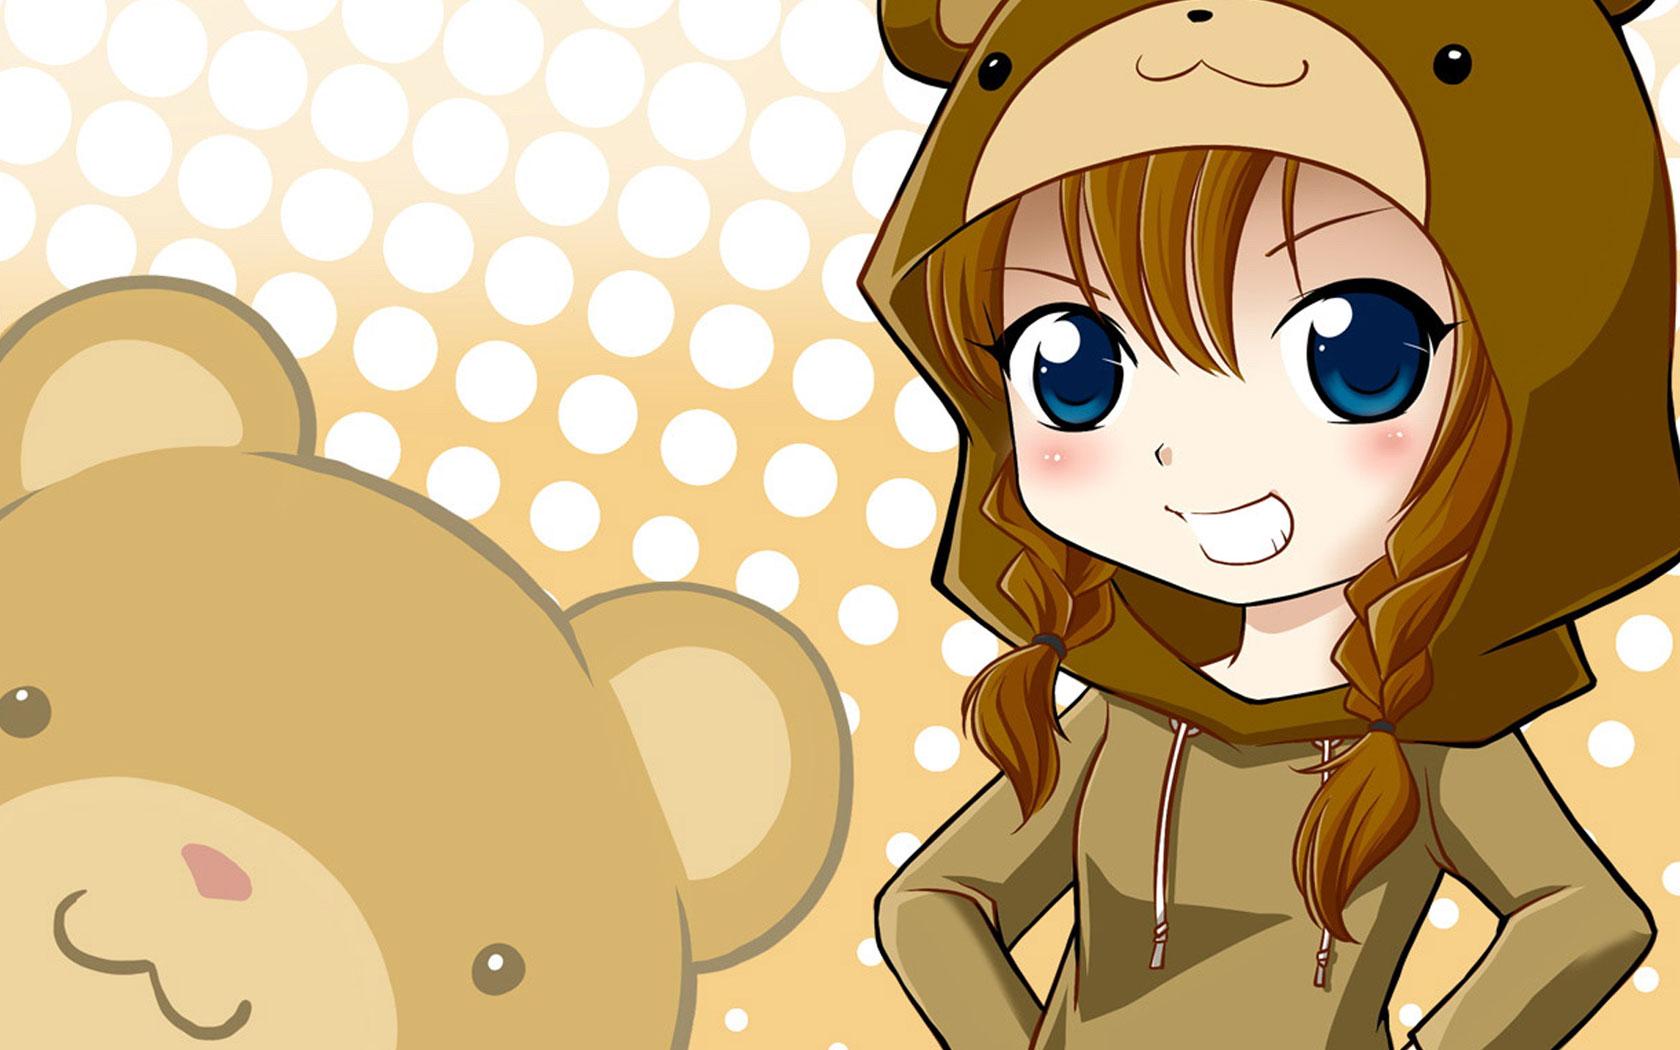 49+ Cute Cartoon Wallpapers for Desktop on WallpaperSafari